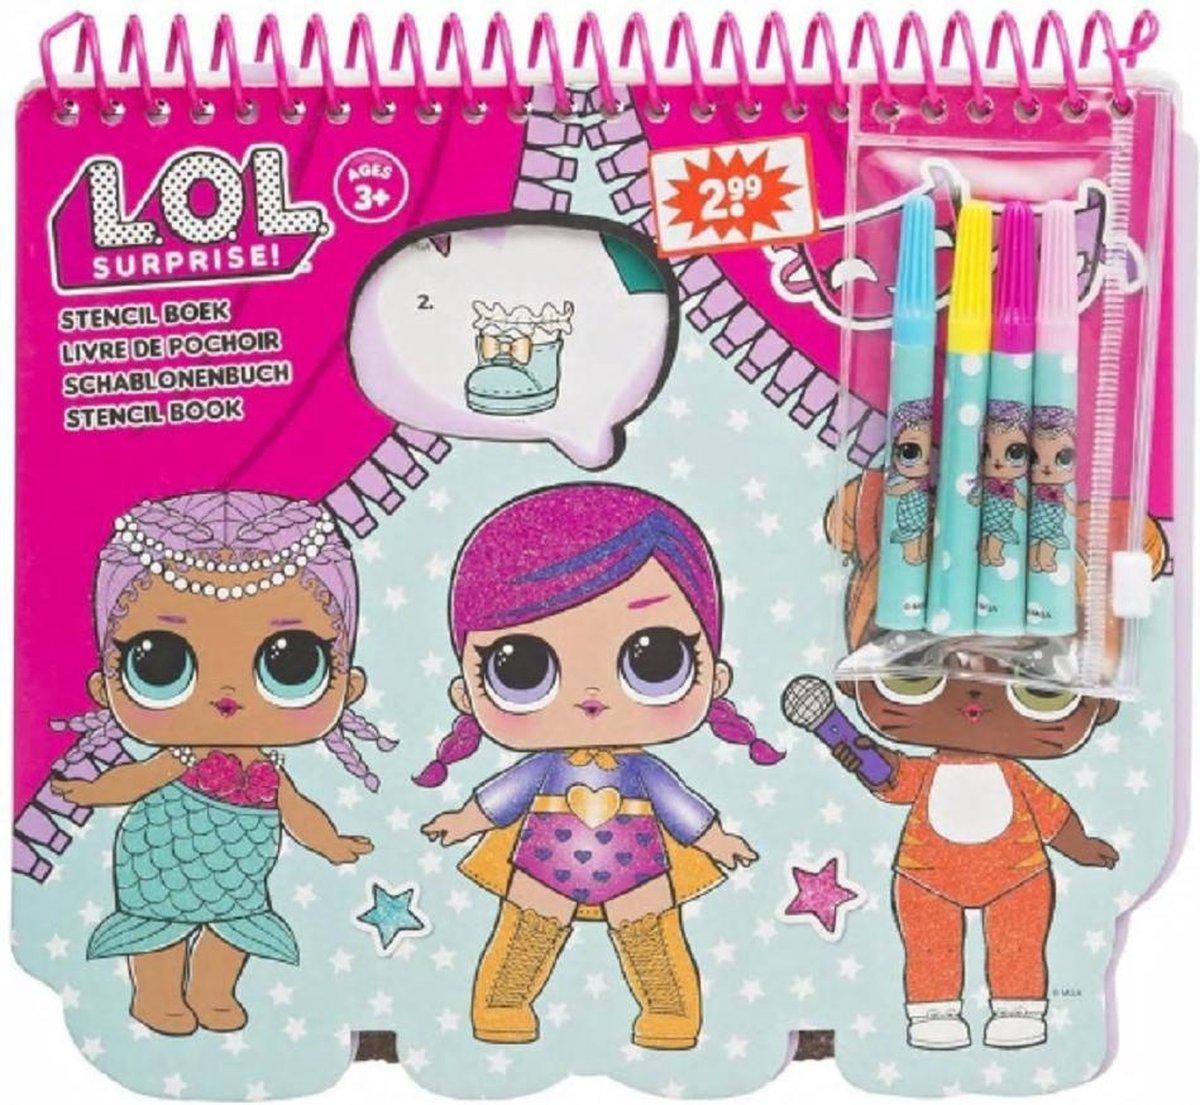 Lol Surprise Kleurplaten   Macy Kleurplaat Kleurplaten Voor ...